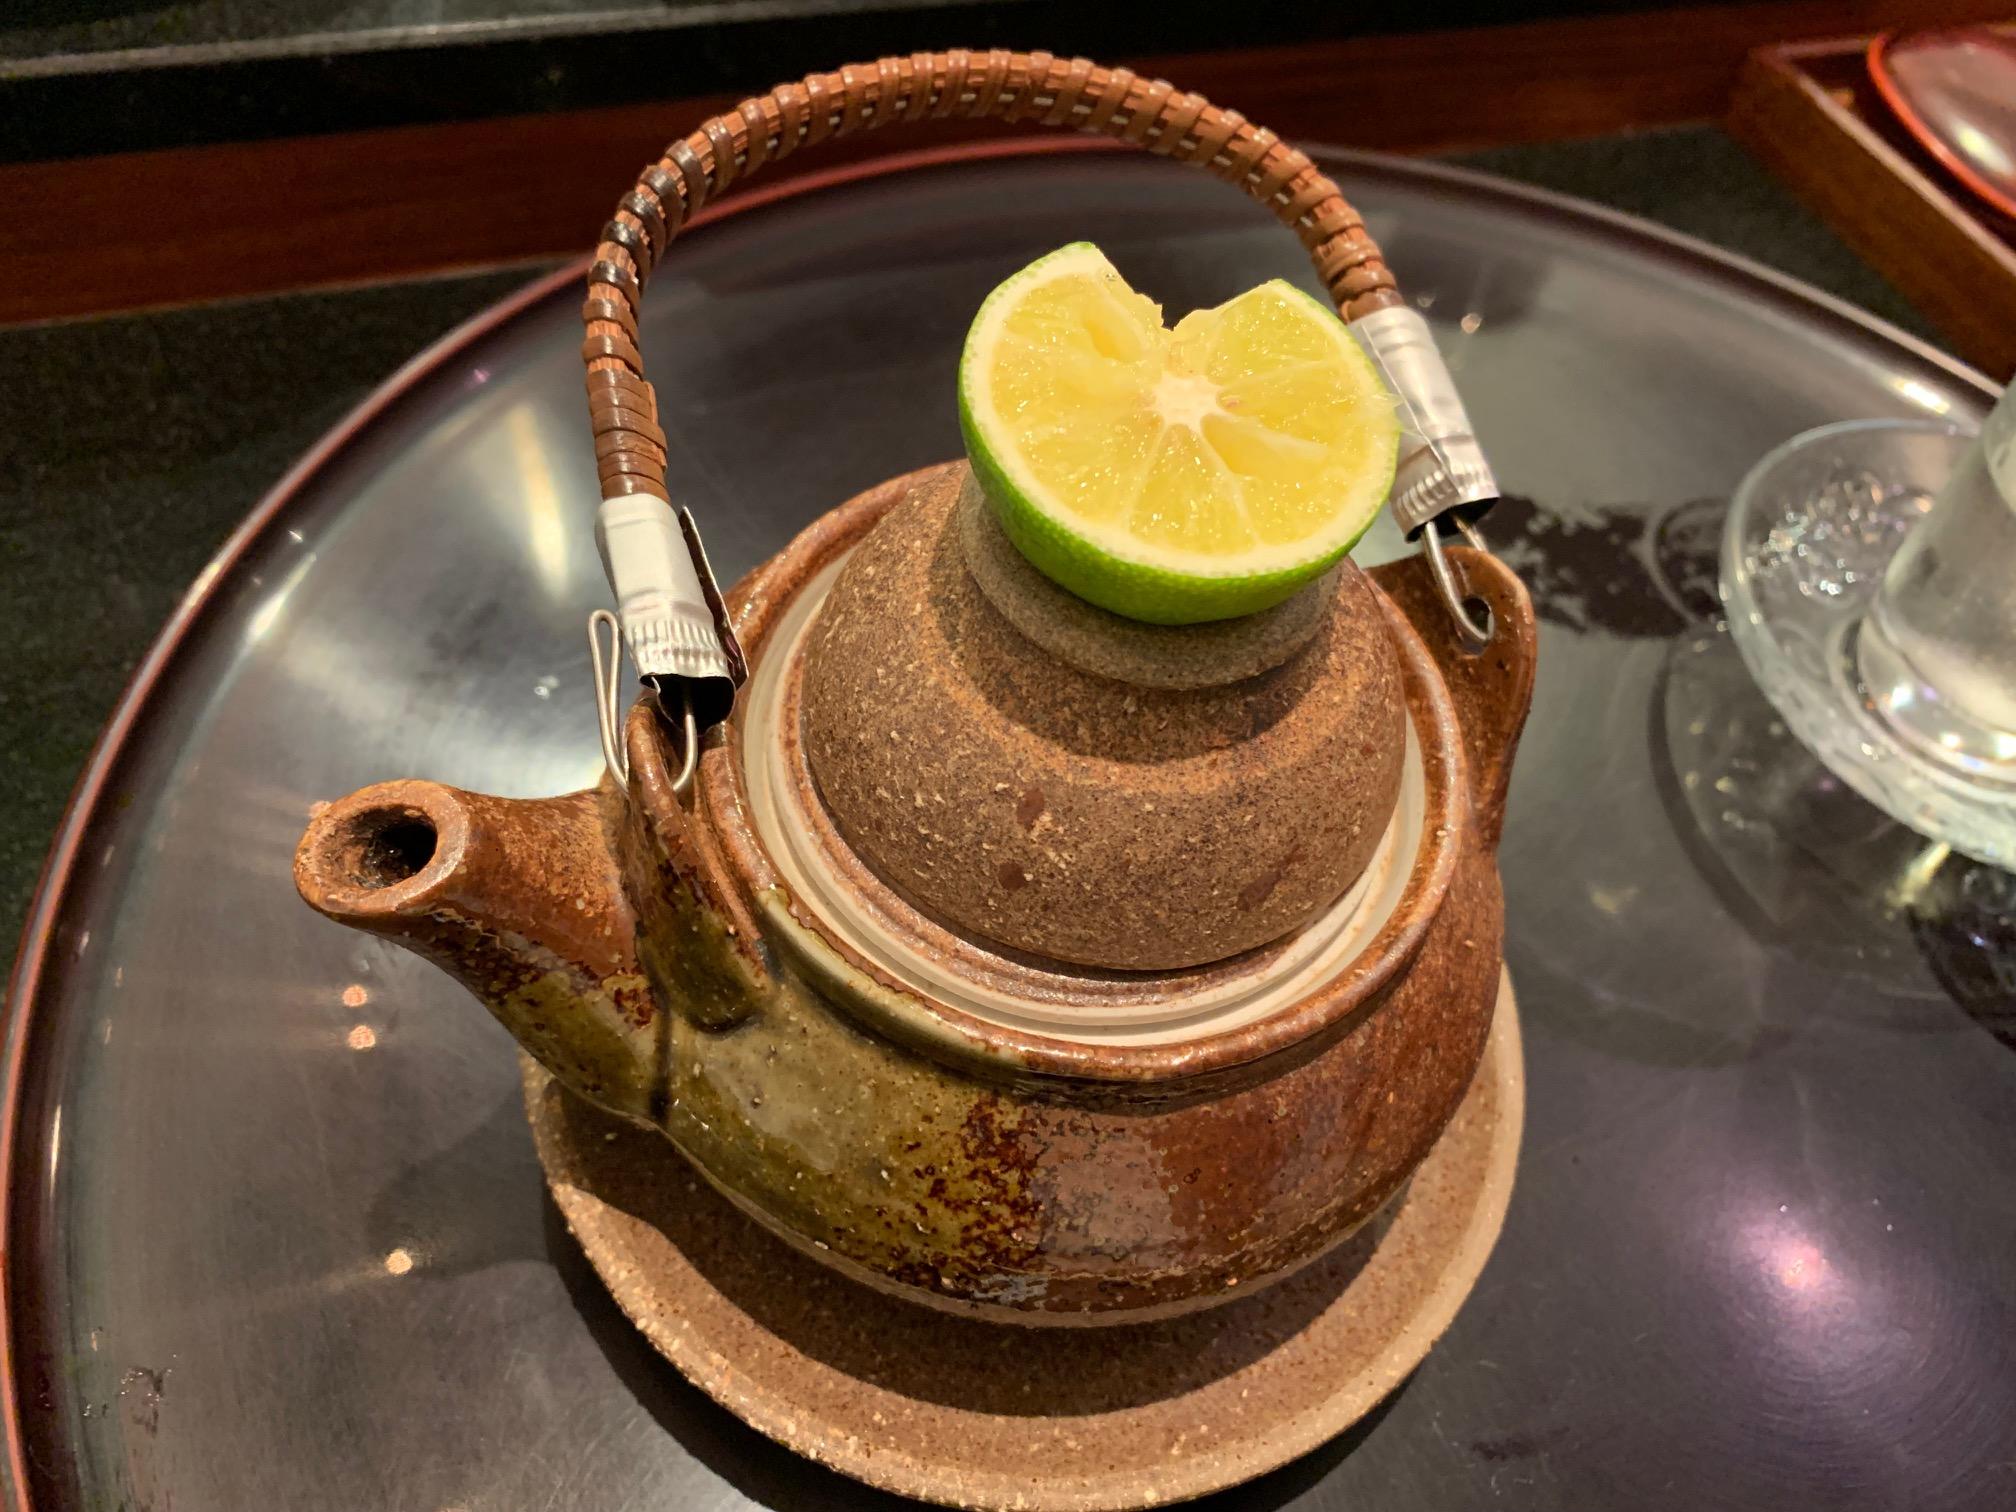 来年の秋も楽しみの味です。江東区深川にある酒菜「桃の木」の絶品マツタケの土瓶蒸しやカワハギ、秋の旬の味を今年も楽しむ事が出来ました。